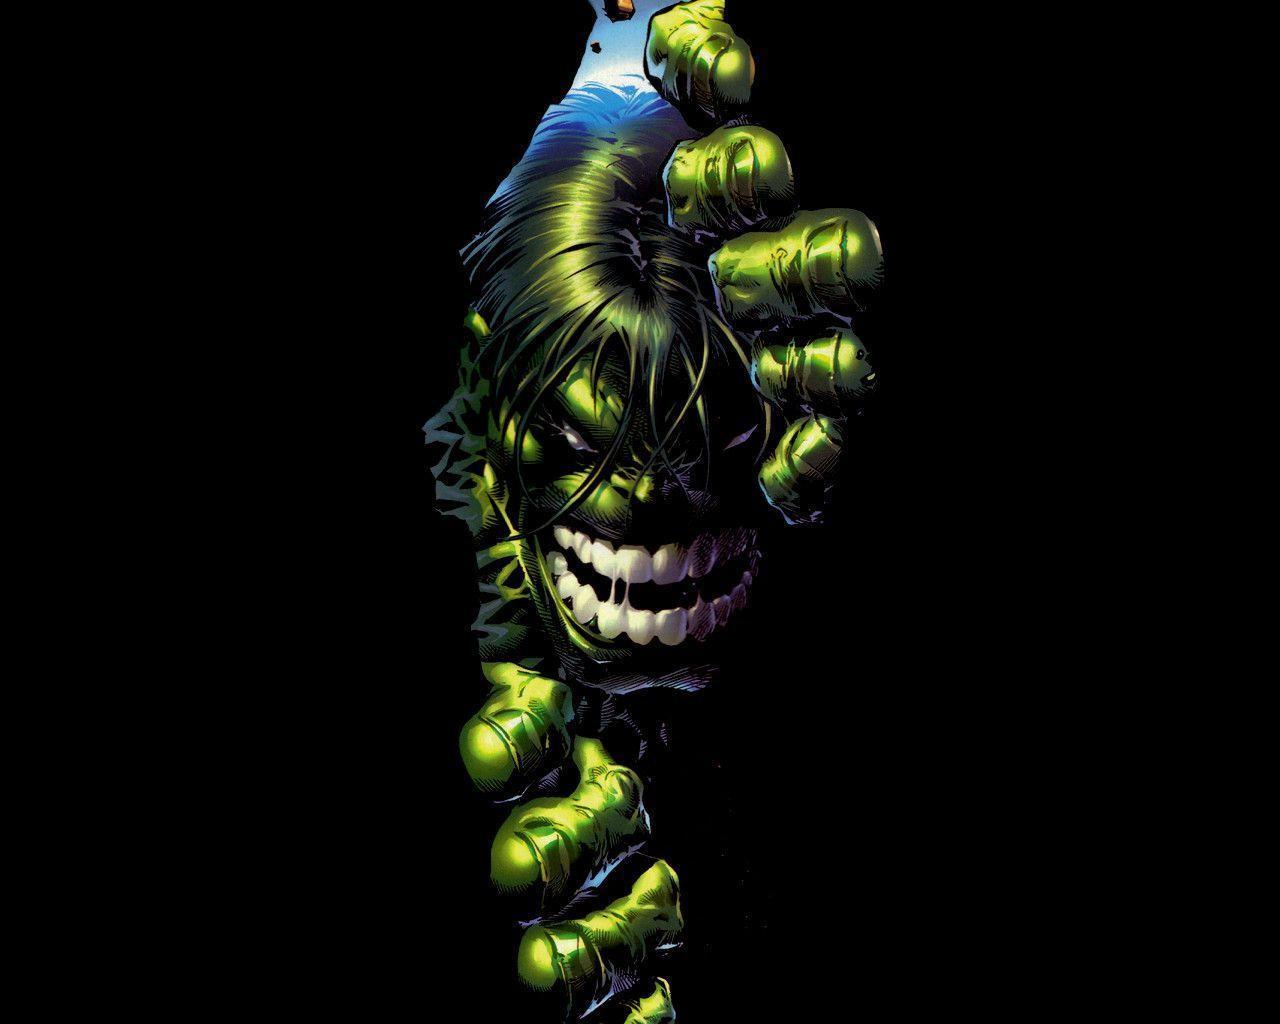 Hulk Wallpapers HD 1280x1024